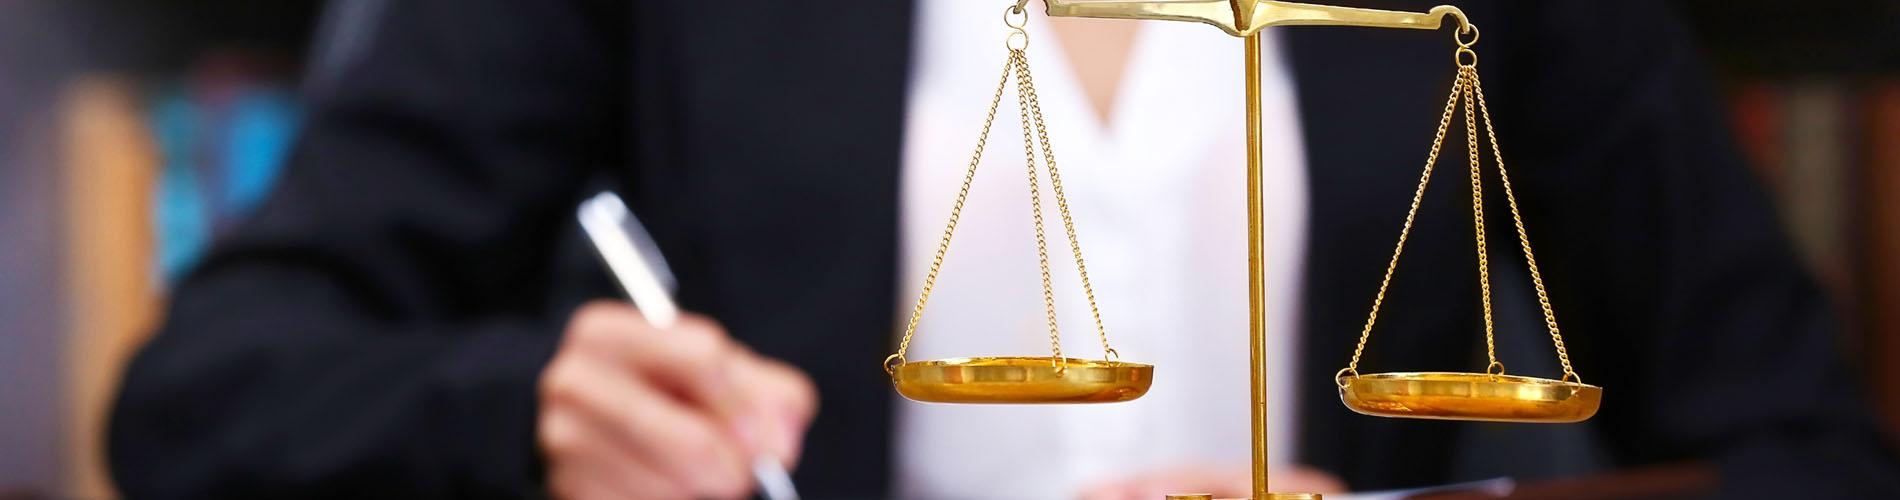 Símbolo de justicia. Balanza